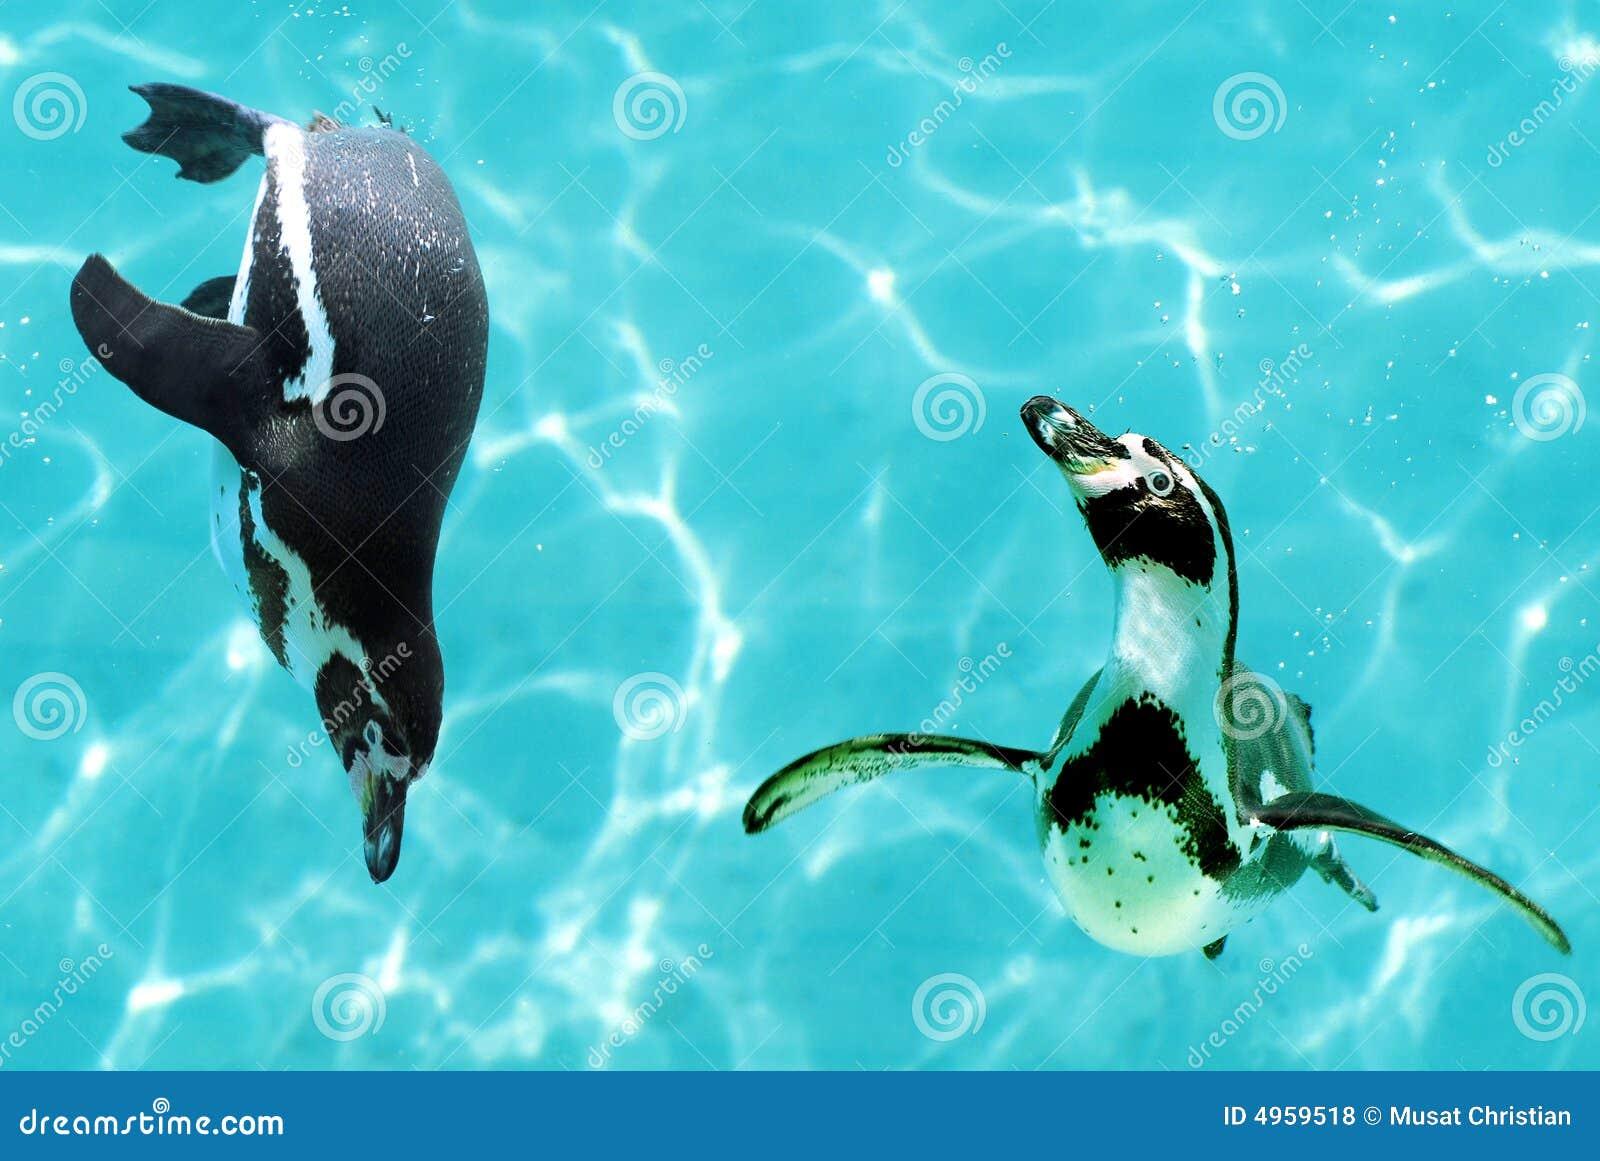 Pingüinos bajo el agua